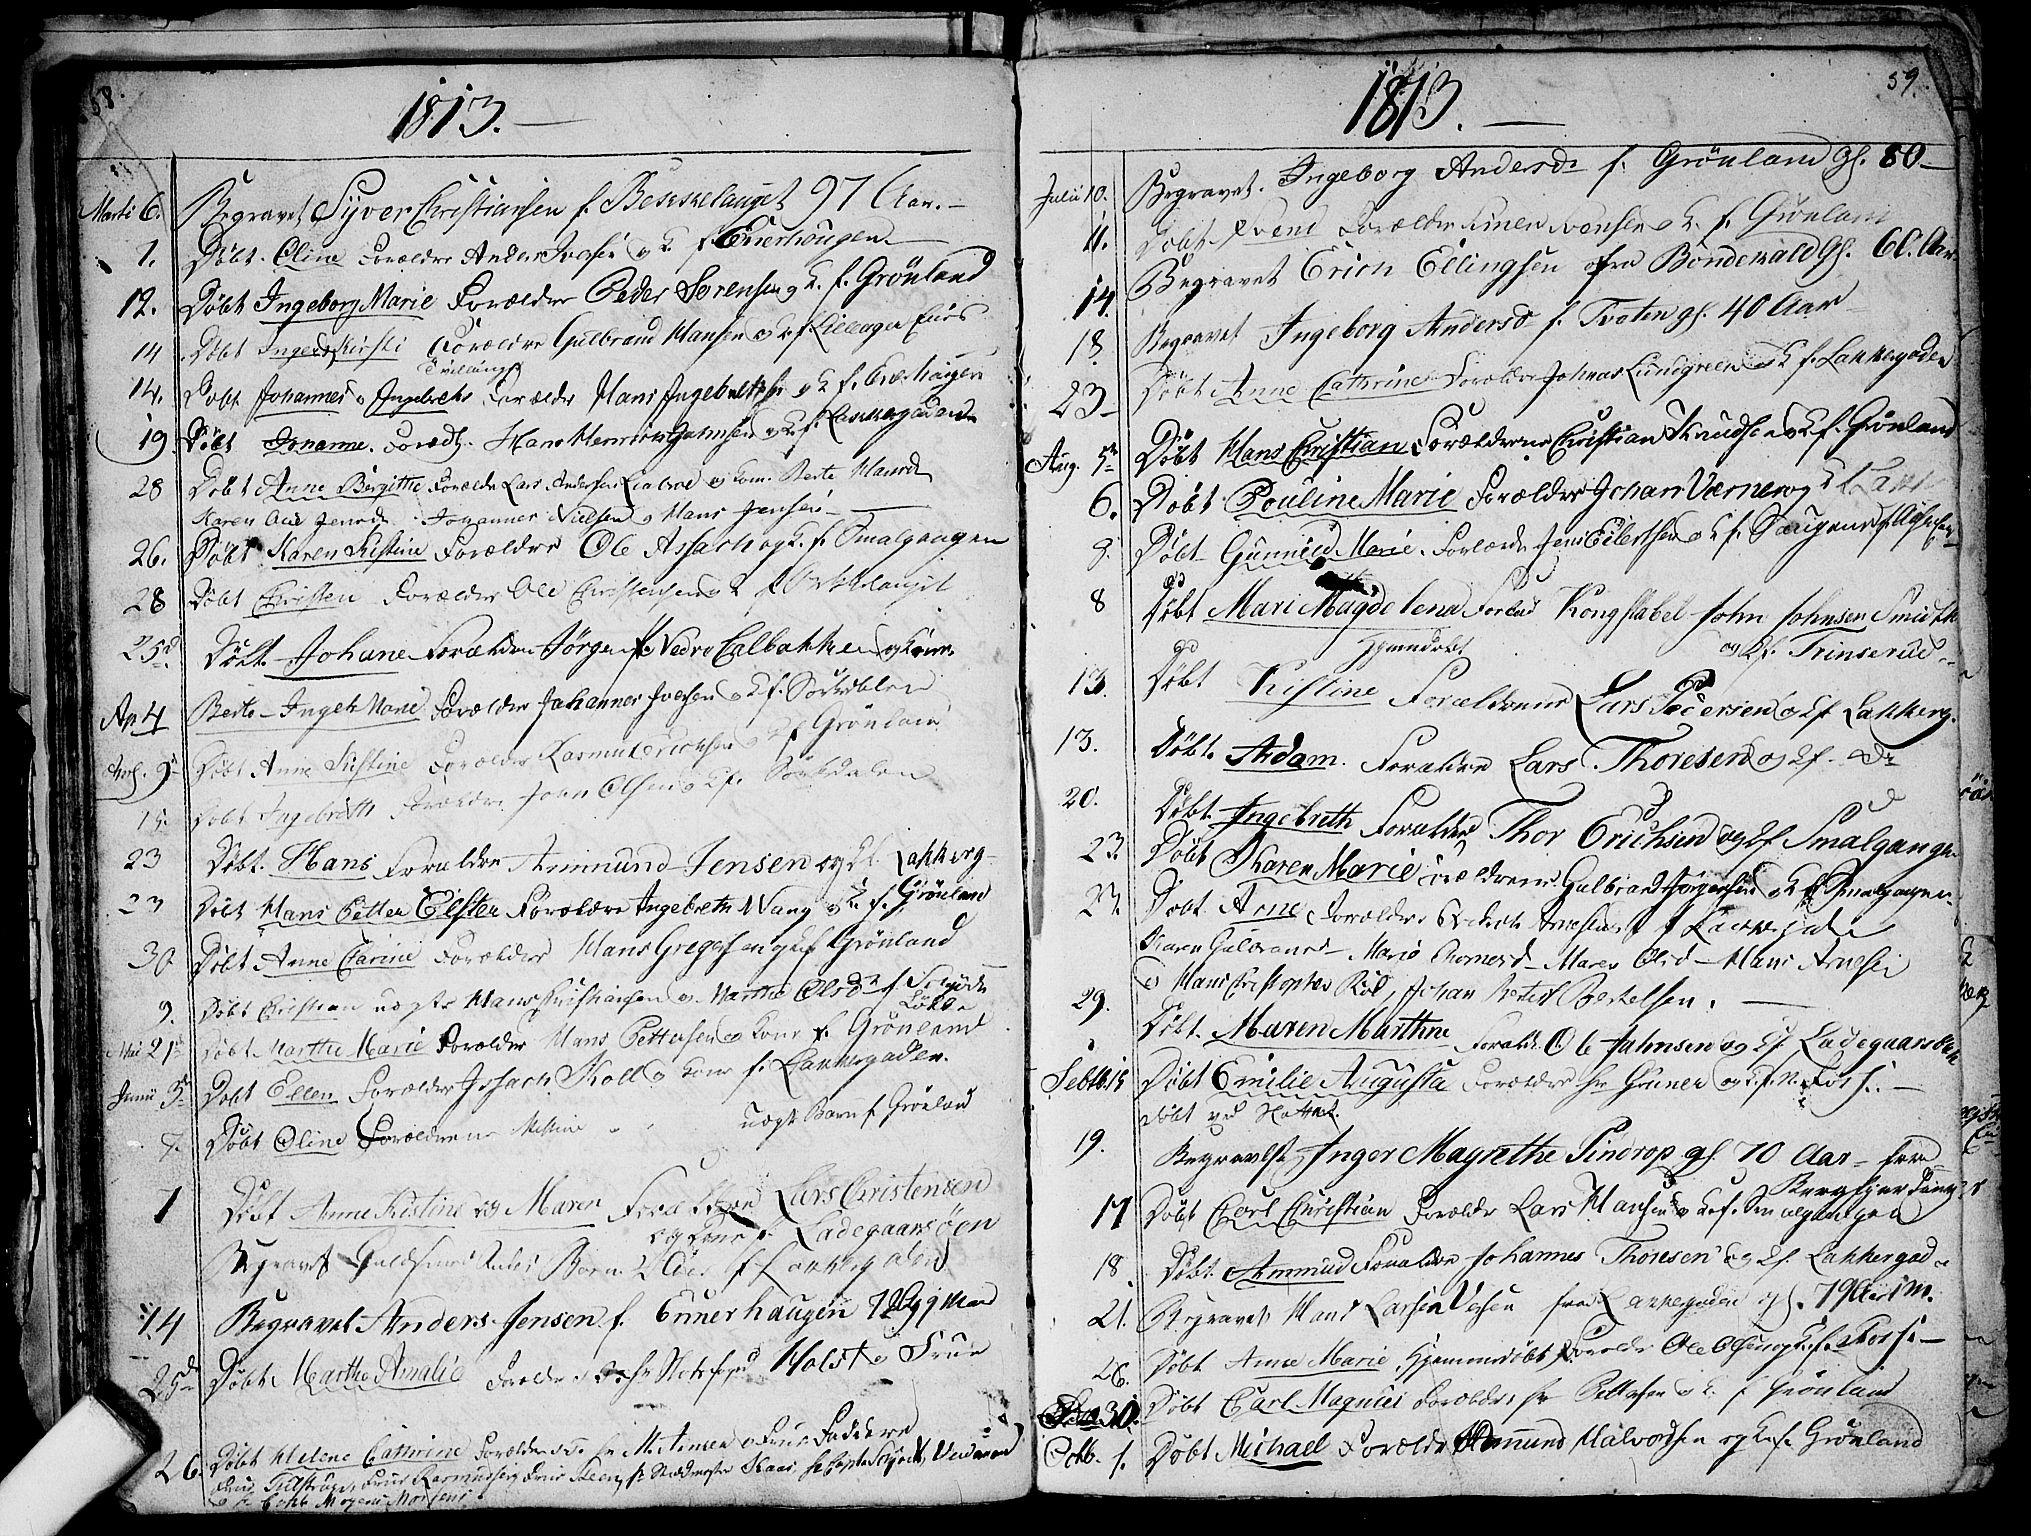 SAO, Aker prestekontor kirkebøker, G/L0001: Klokkerbok nr. 1, 1796-1826, s. 58-59